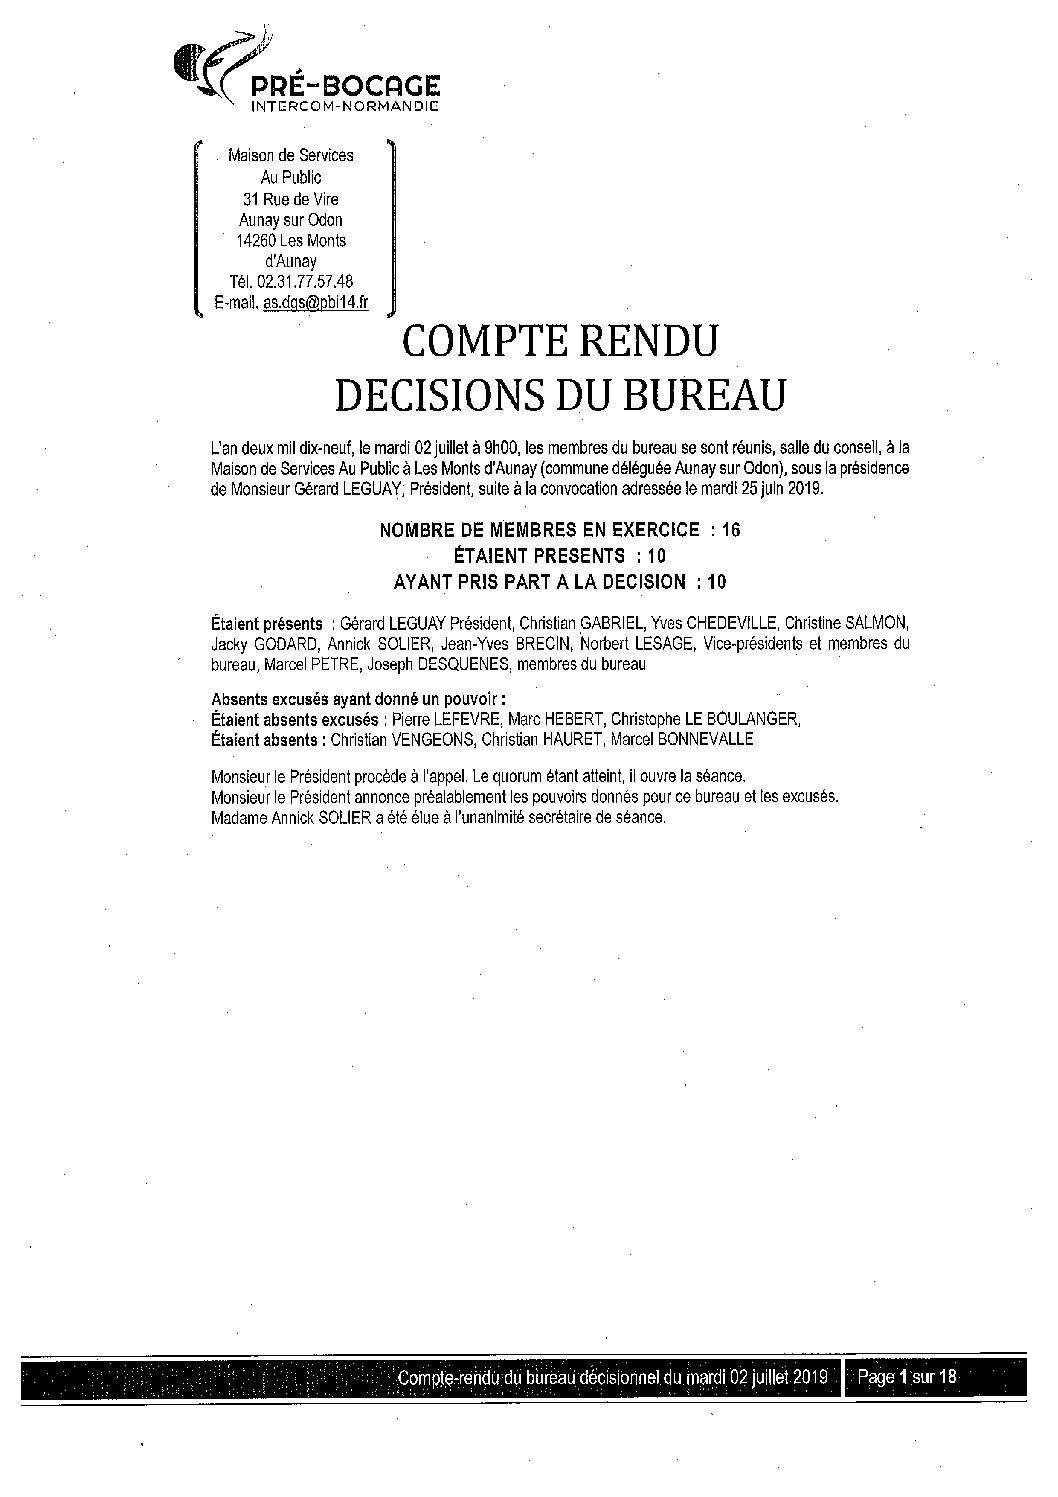 CR Bureau du 2 juillet 2019